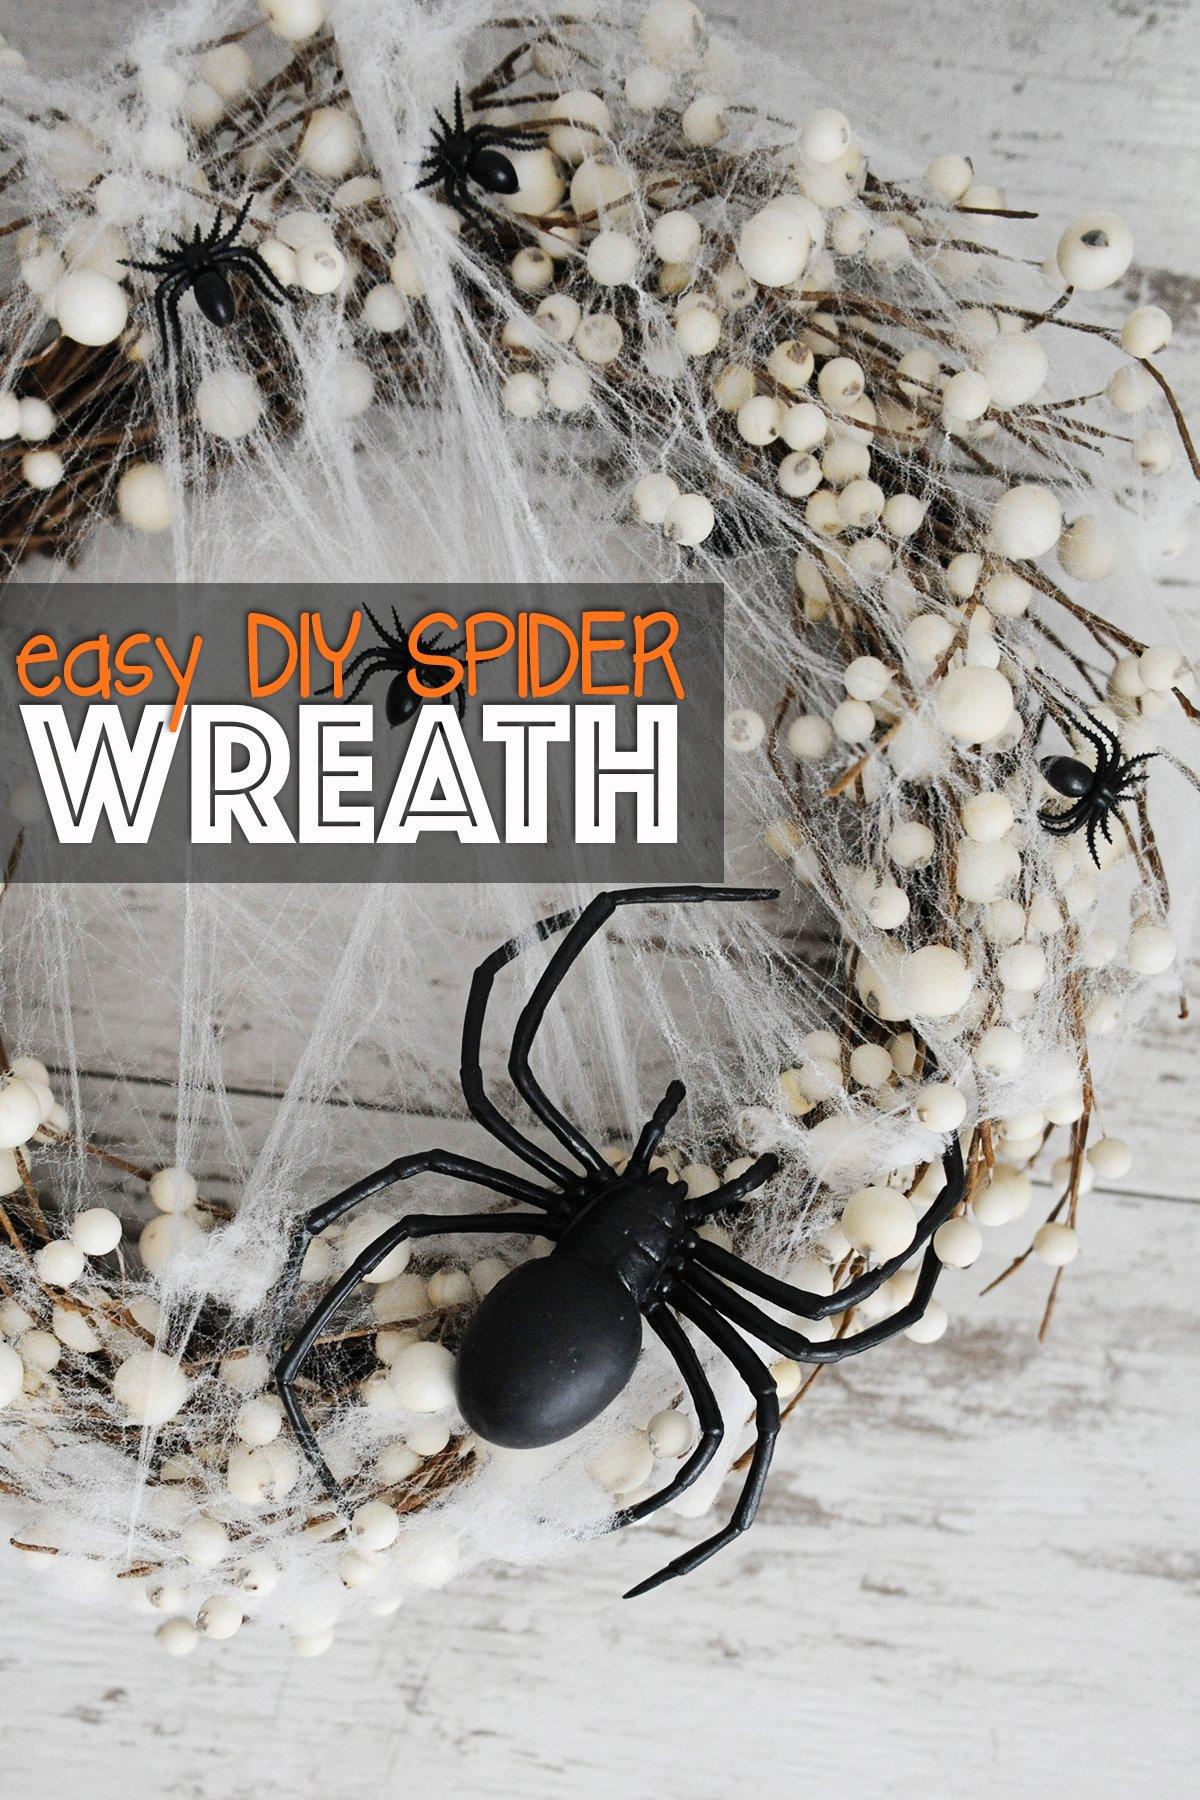 Spider wreath diy 1